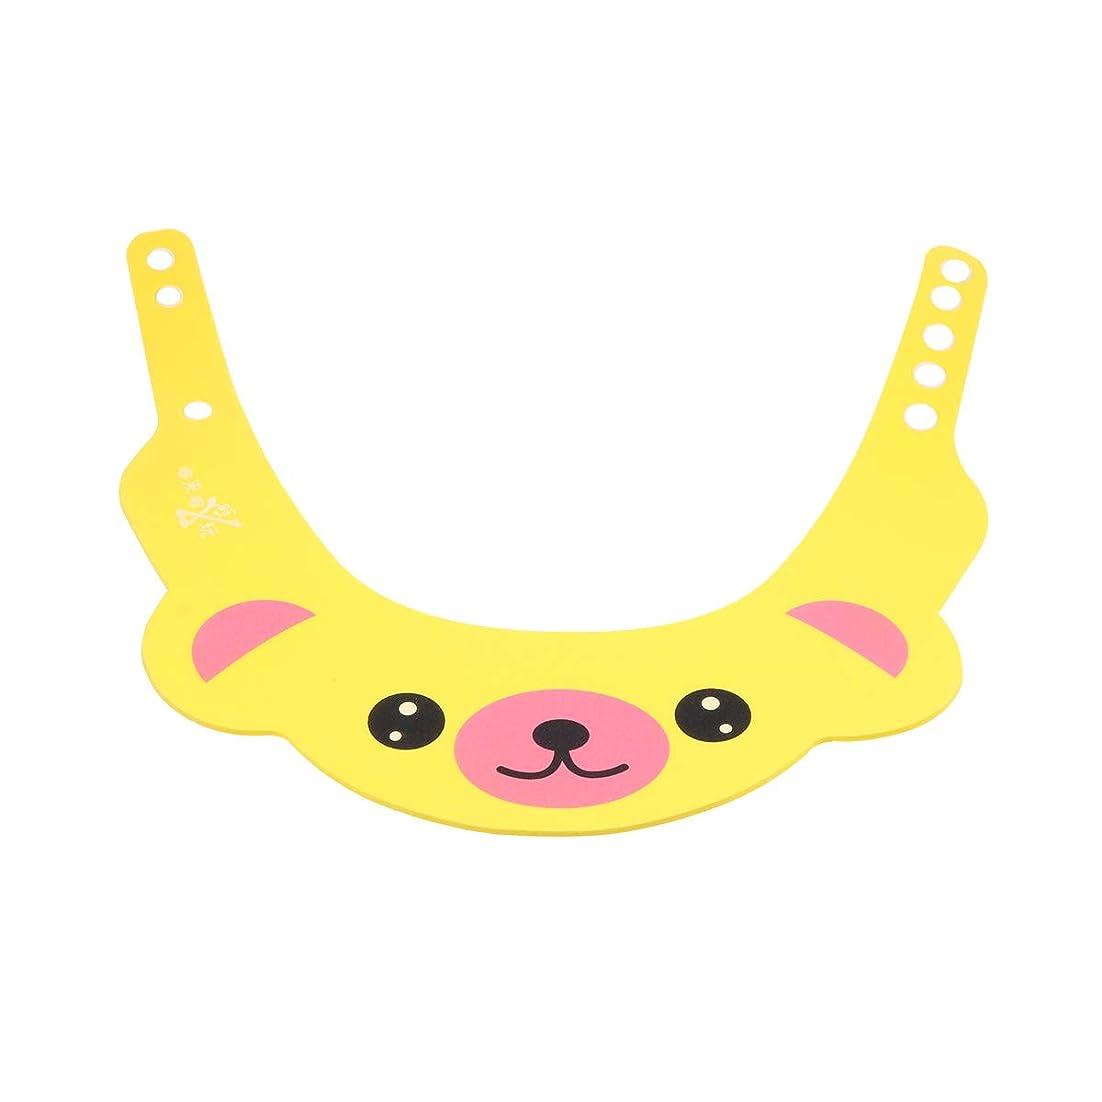 趣味モバイルダッシュHealifty 1ピースベビーシャワーキャップシャンプー入浴保護帽子クマ形状ソフトアジャスタブルバイザーキャップ用幼児子供ベビーキッズ(イエロー)